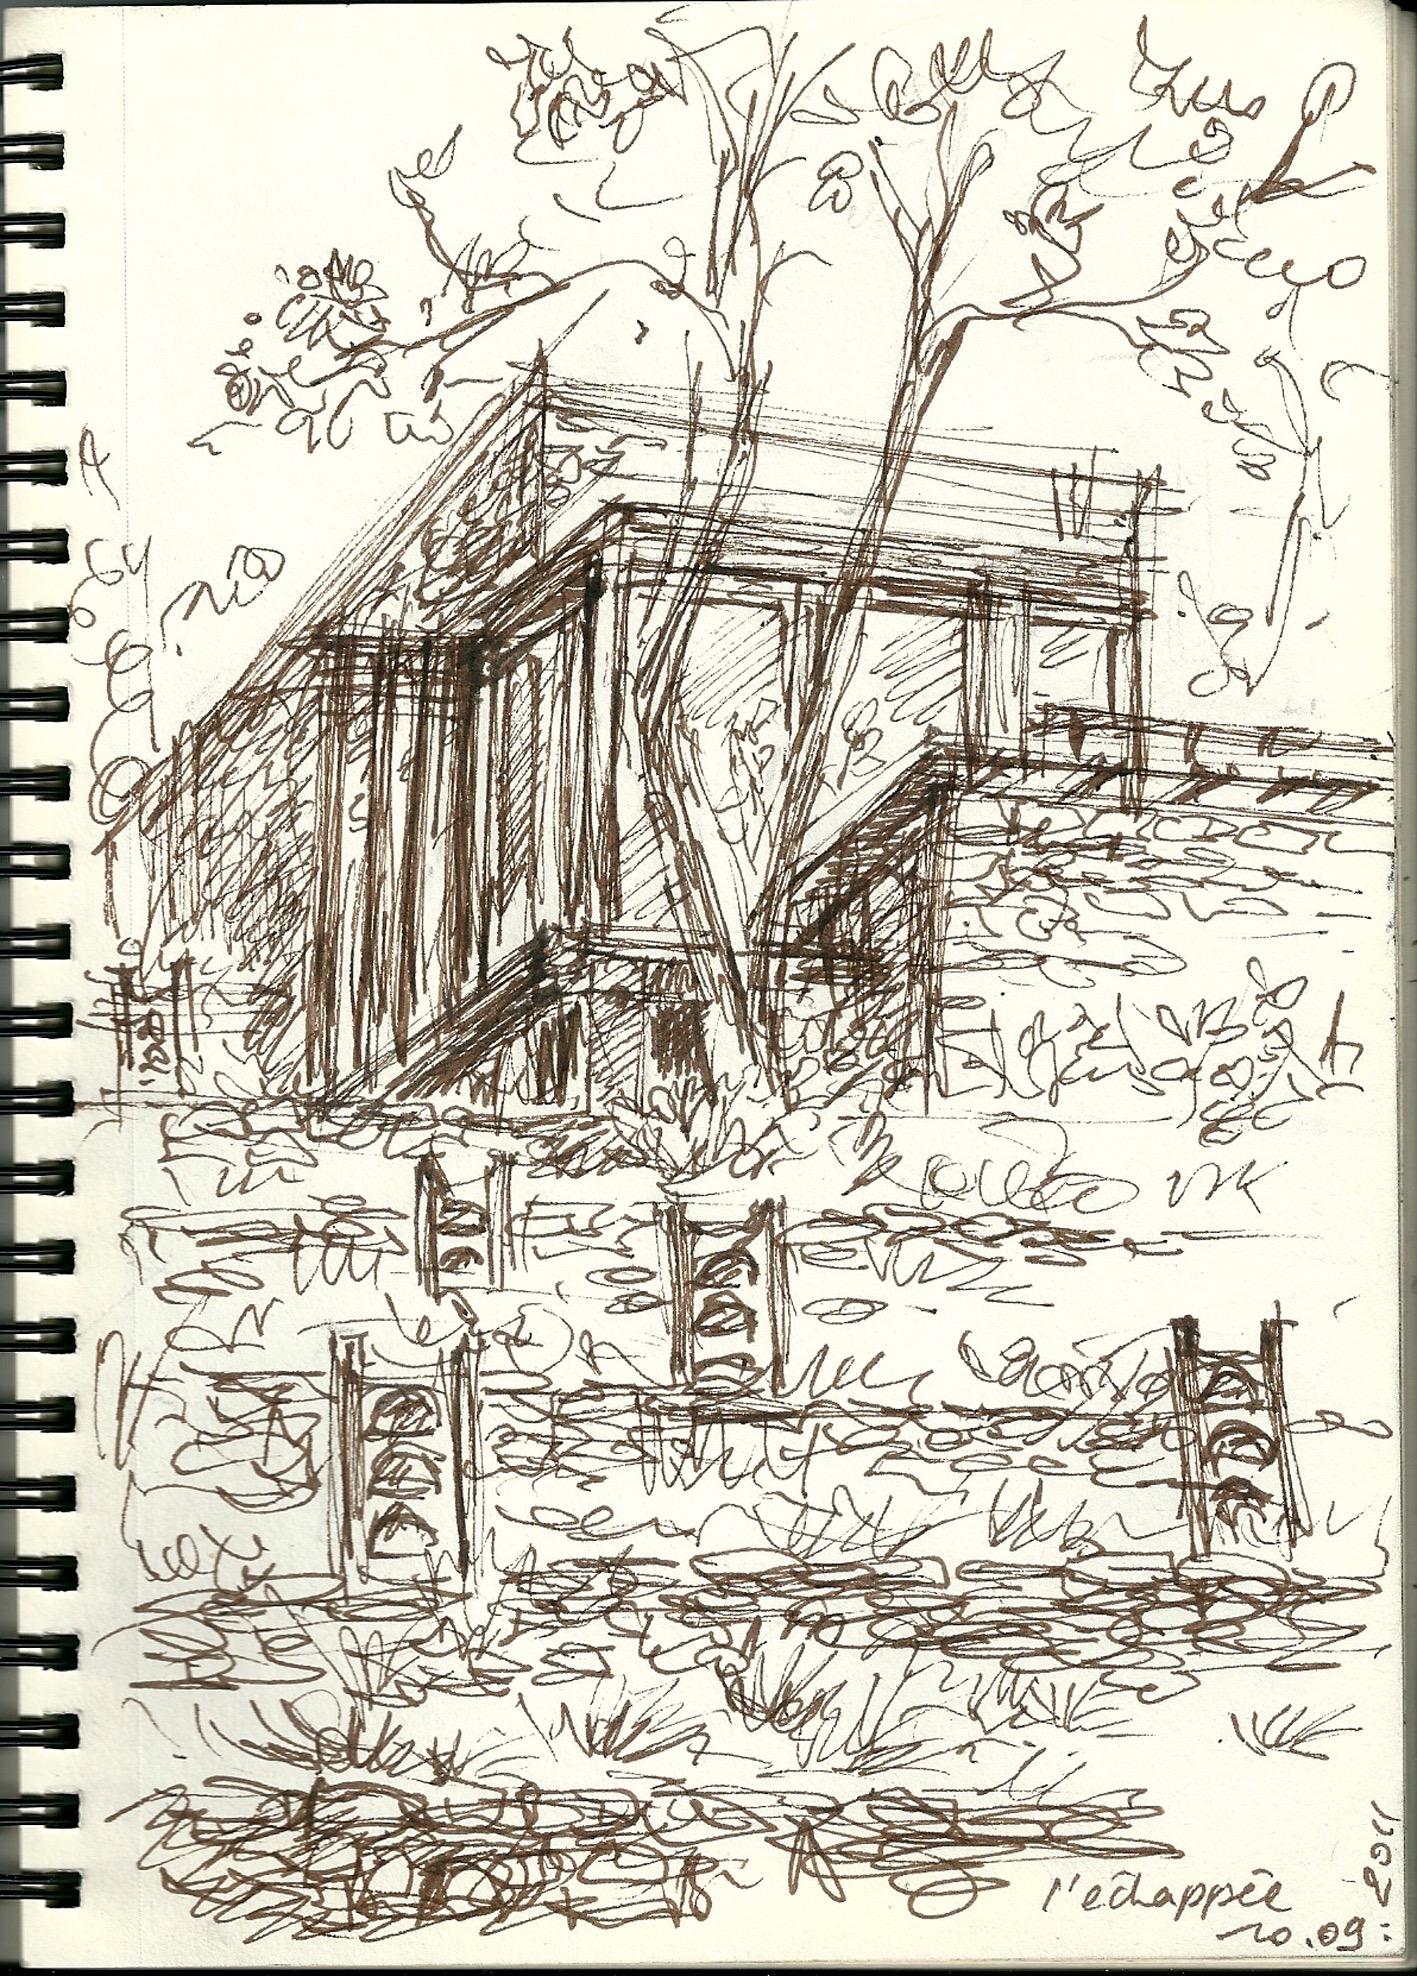 L'Atelier vu des terrasses